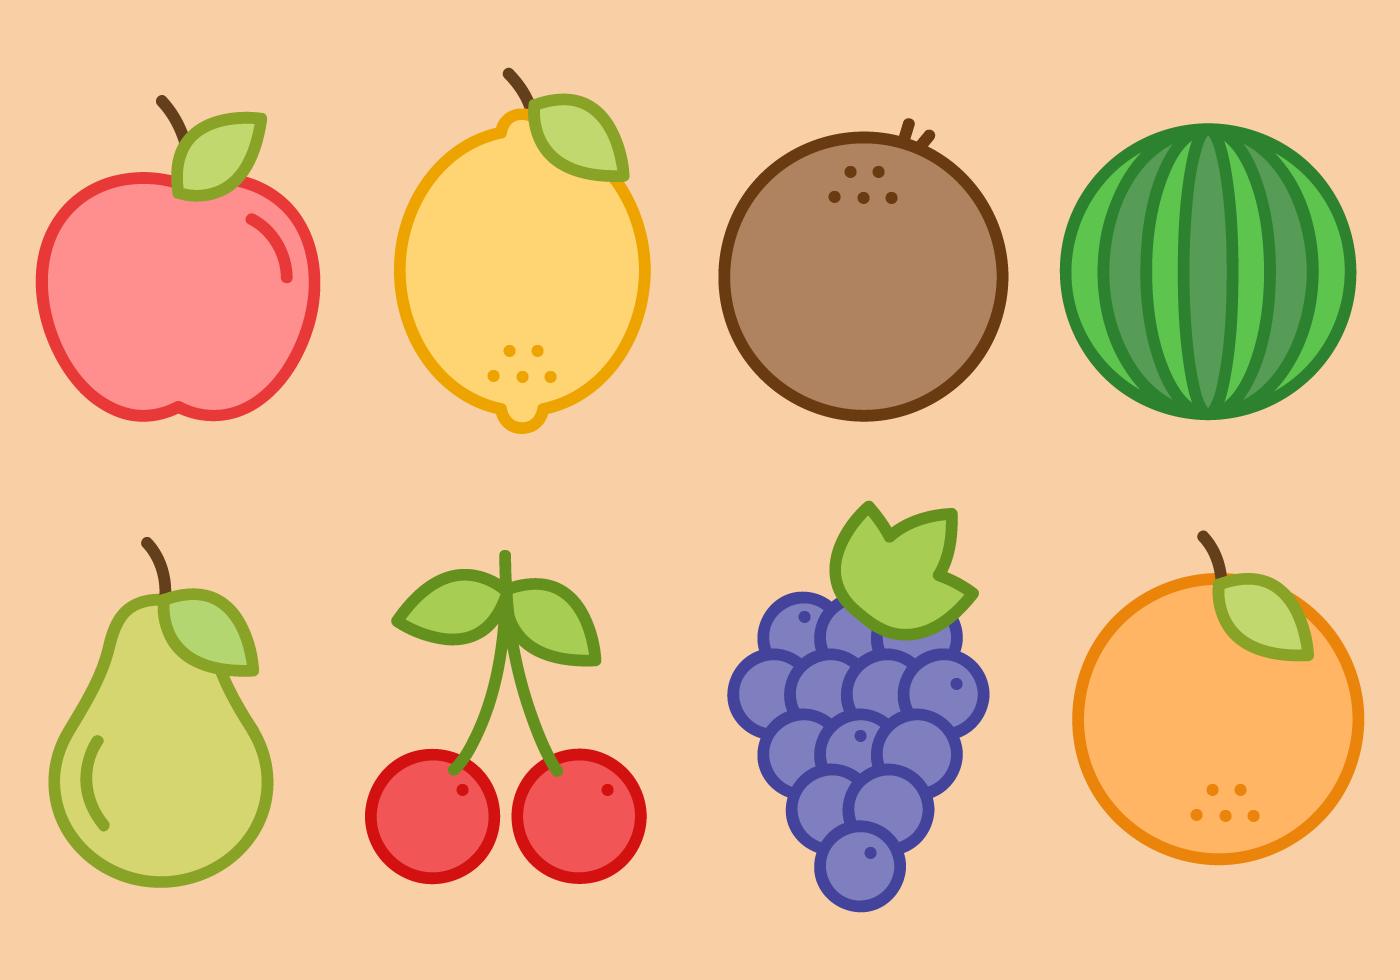 水果插畫 免費下載   天天瘋後製